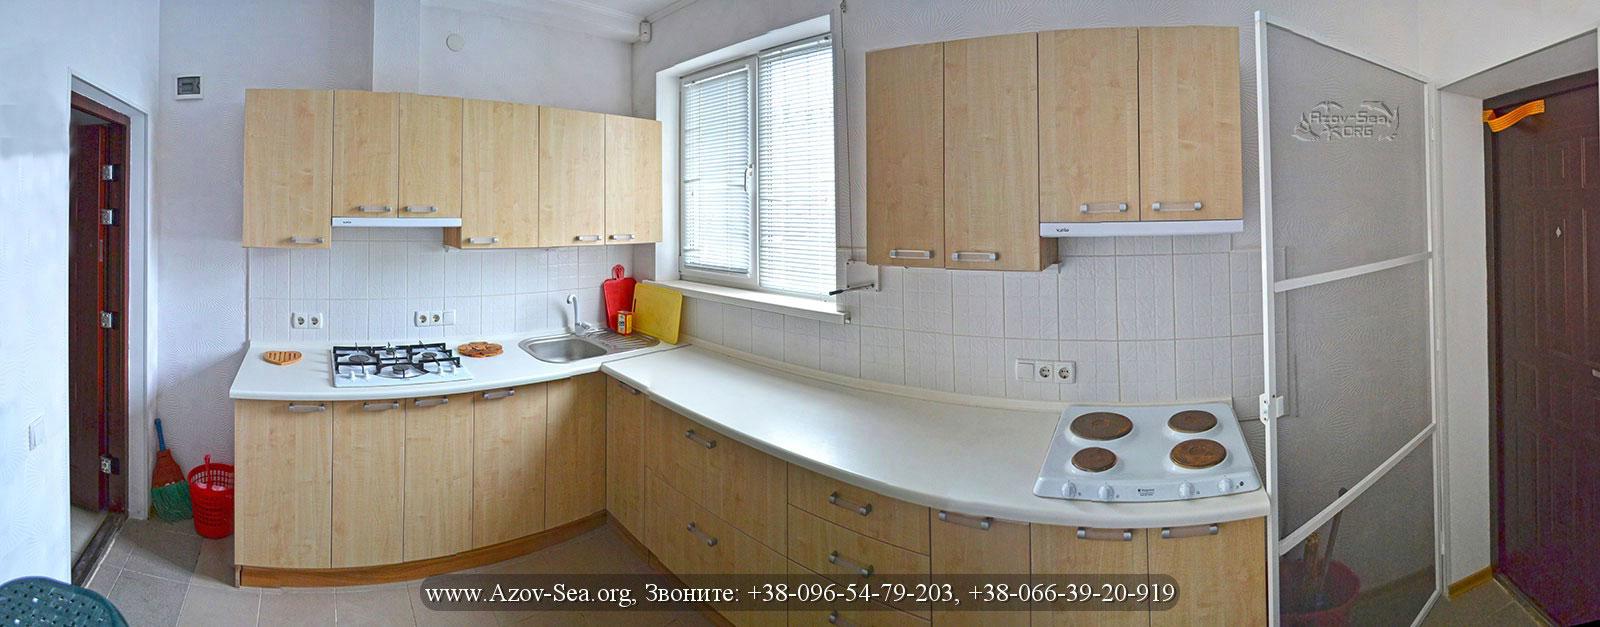 Пансионат Степановка - Общая кухня на 4-ре люкс номера